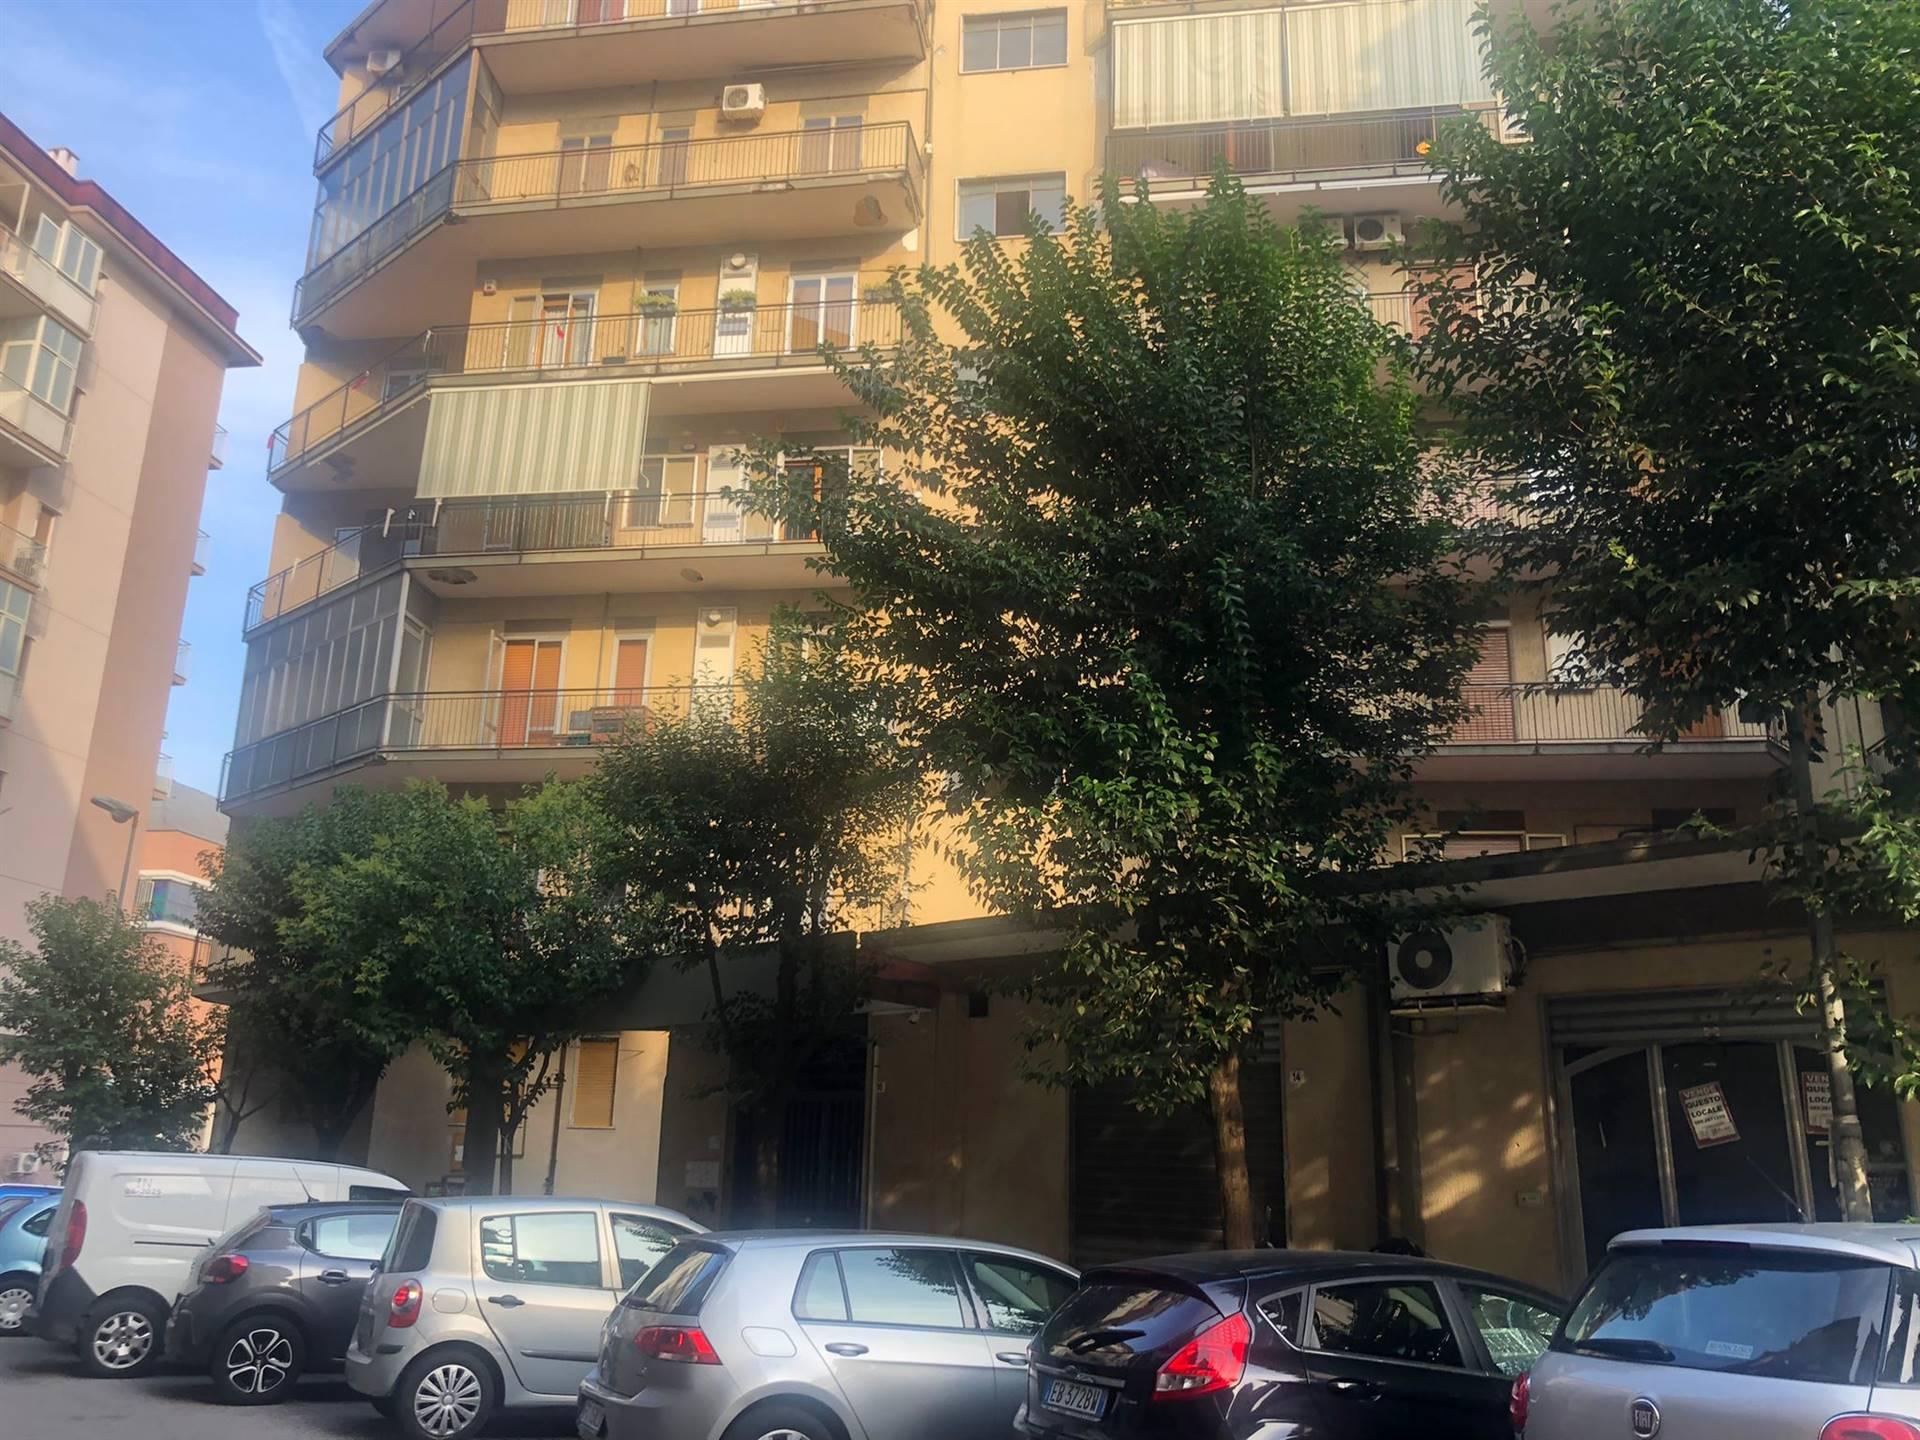 GELSO - CAMPIONE, SALERNO, Wohnung zu verkaufen, Gutem, Heizung Unabhaengig, Energie-klasse: G, am boden 1°, zusammengestellt von: 3 Raume, , 2